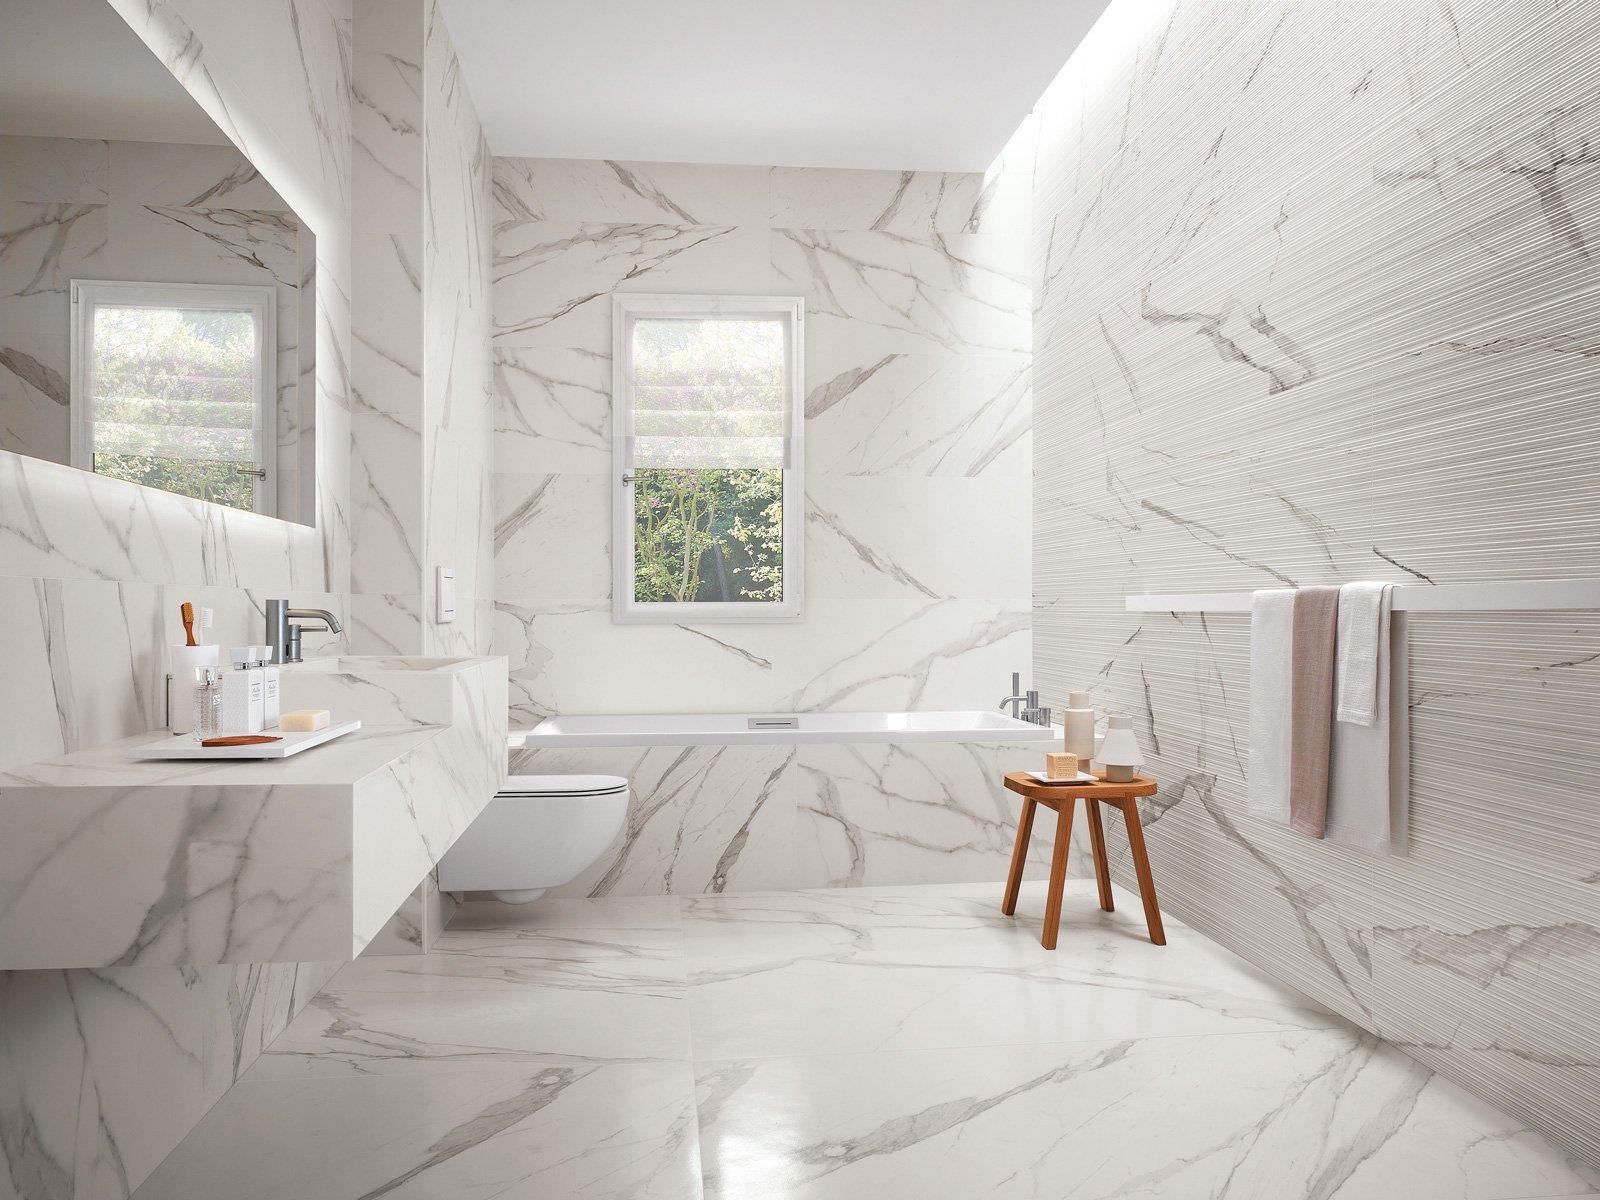 Piastrelle in gres: scegliere il fascino eterno del marmo e della pietra - Cose di Casa